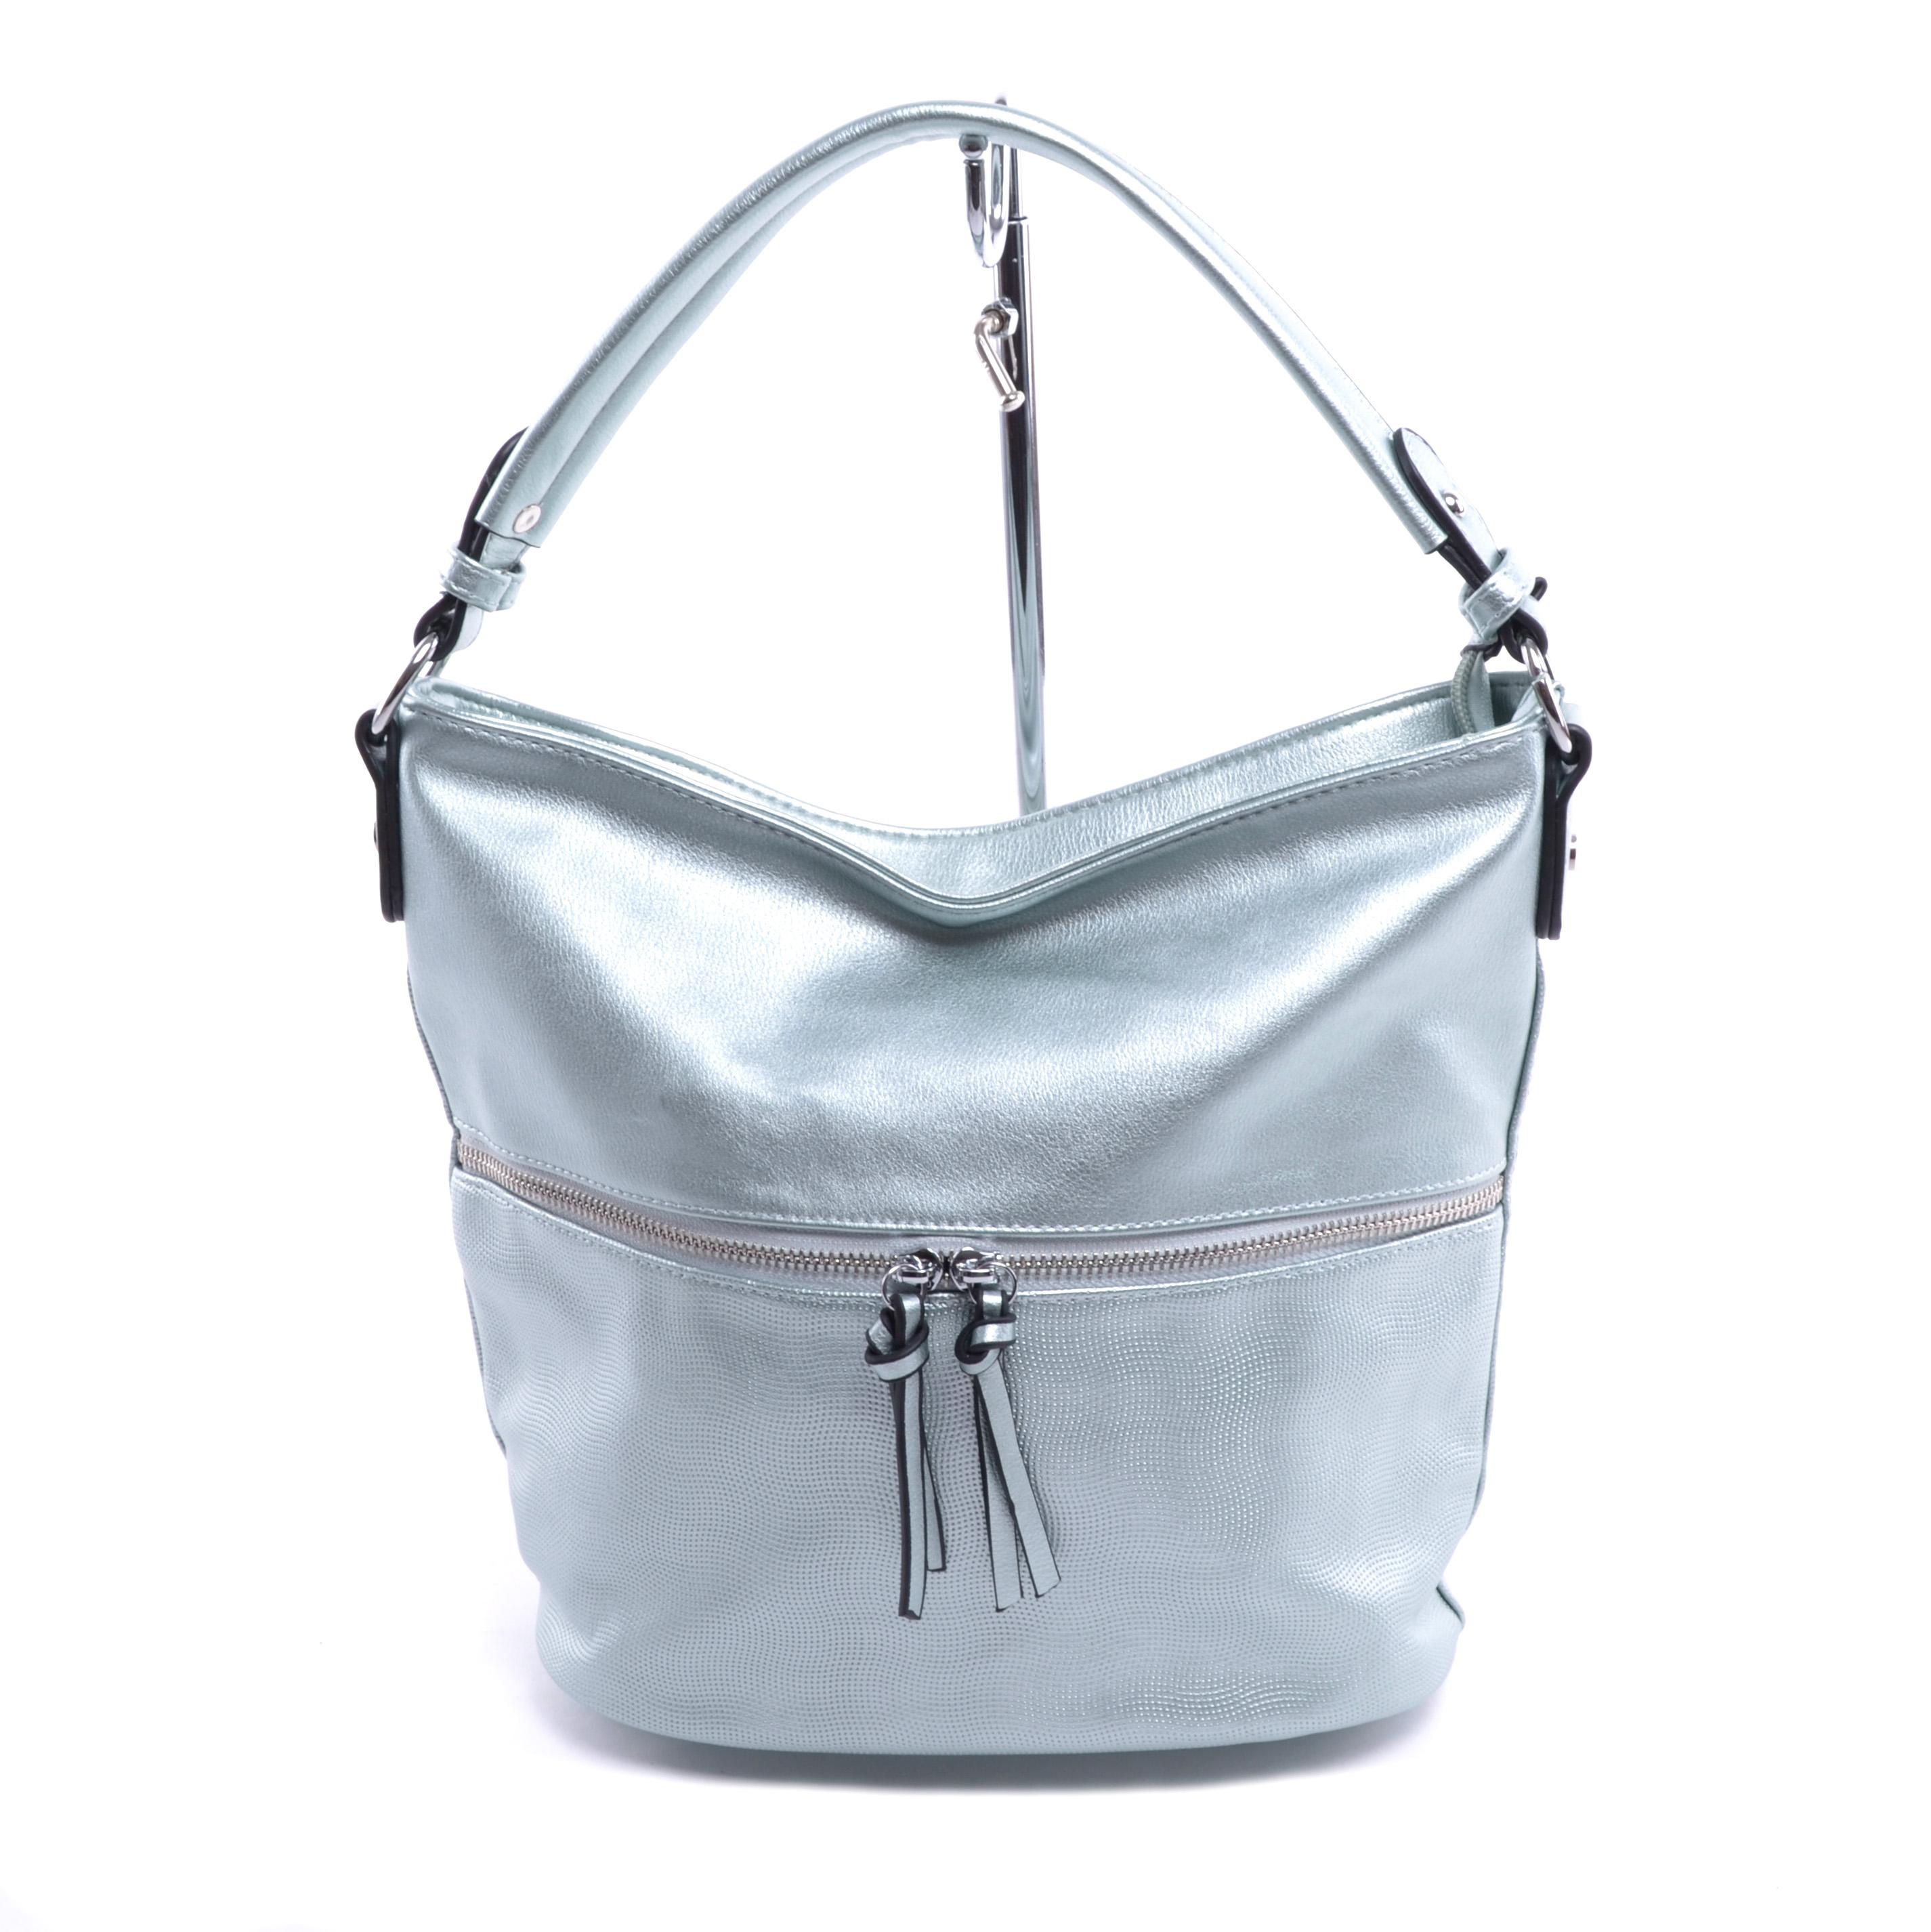 Zöld Női Műbőr Válltáska - Válltáskák - Táska webáruház - Minőségi táskák  mindenkinek fb3d87ac50